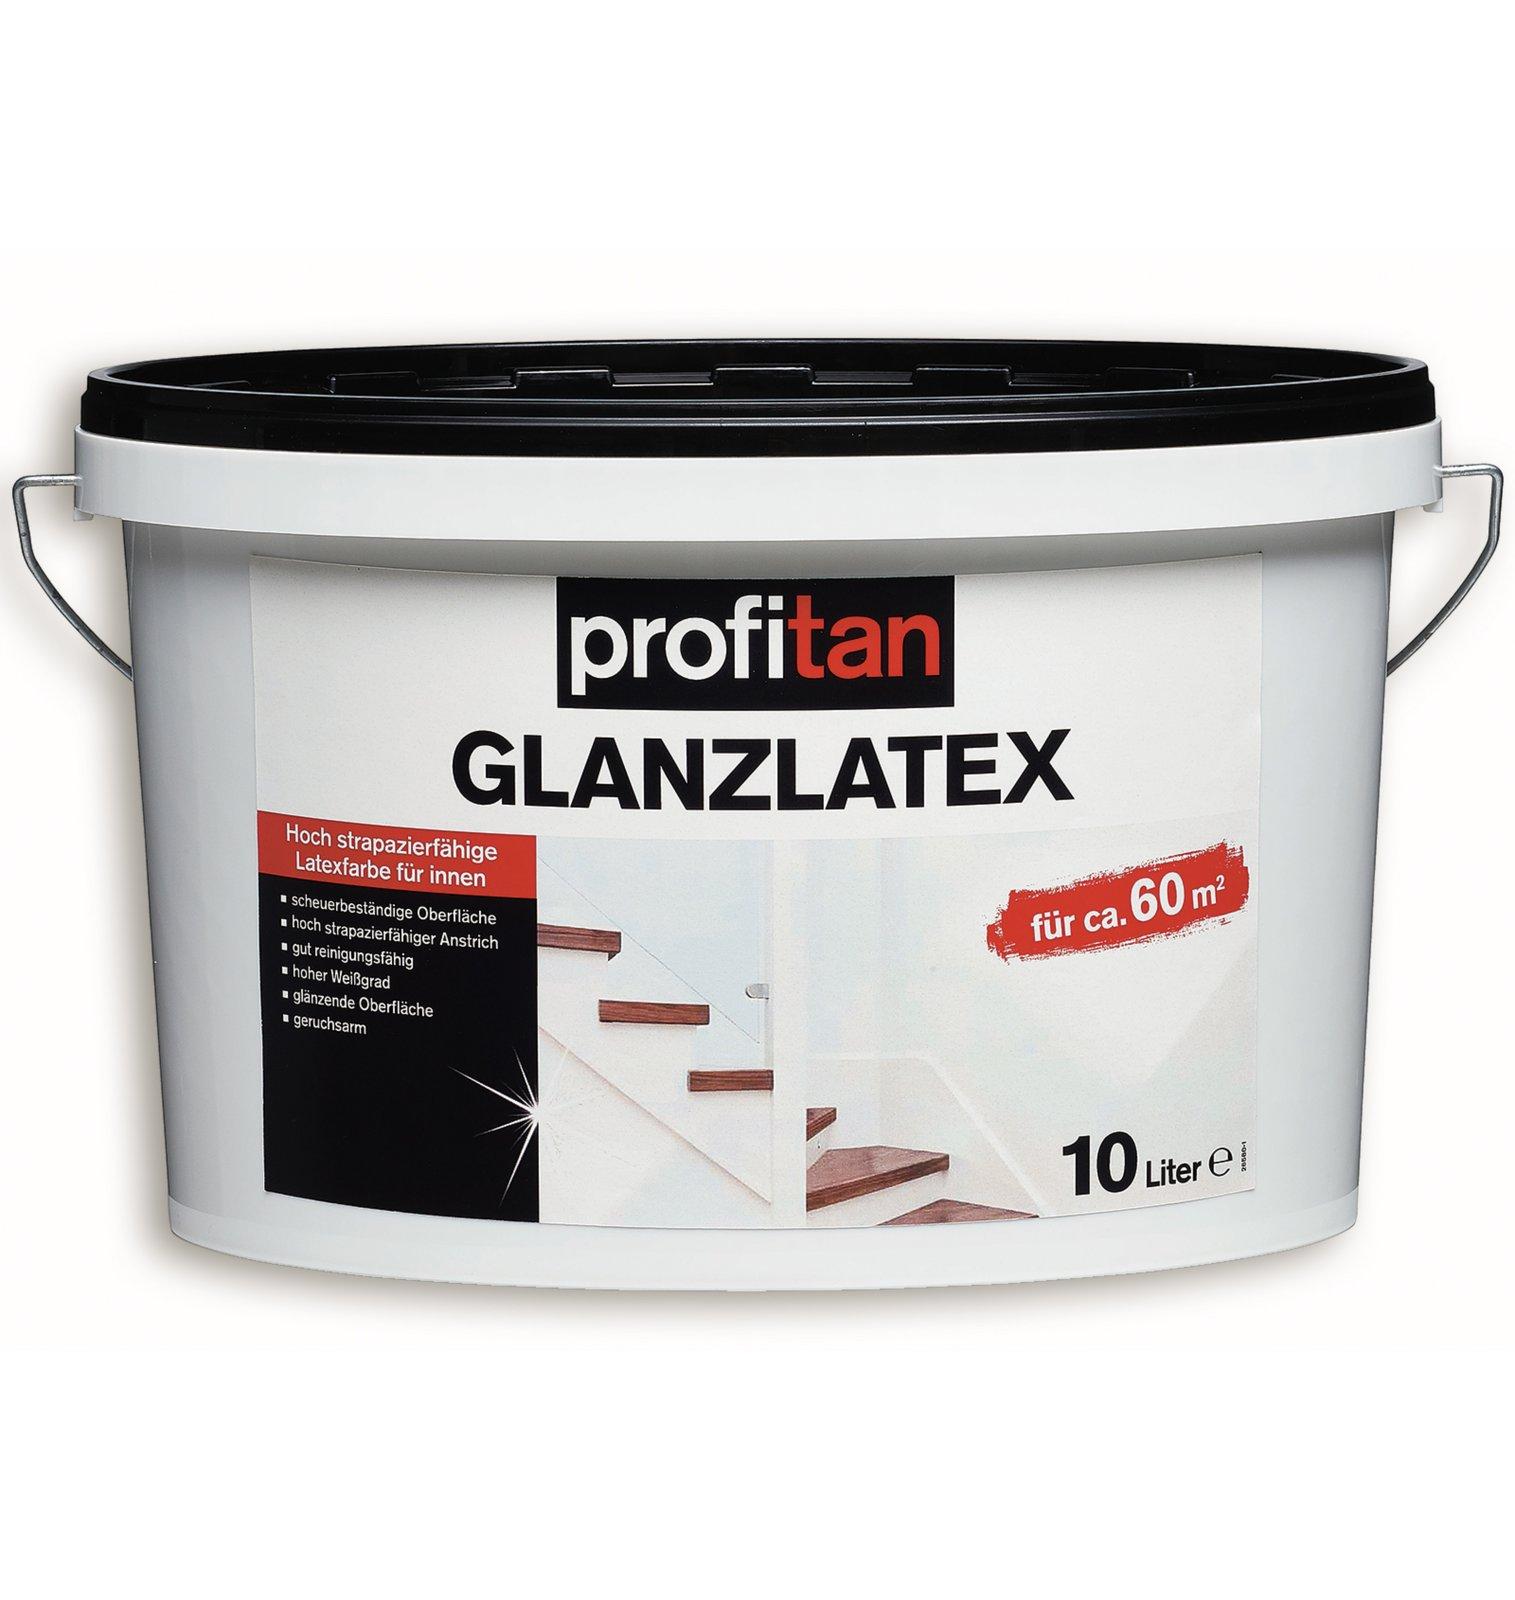 glanz latexfarbe profitan wei f r innen 10 liter spezialfarben farben lacke. Black Bedroom Furniture Sets. Home Design Ideas